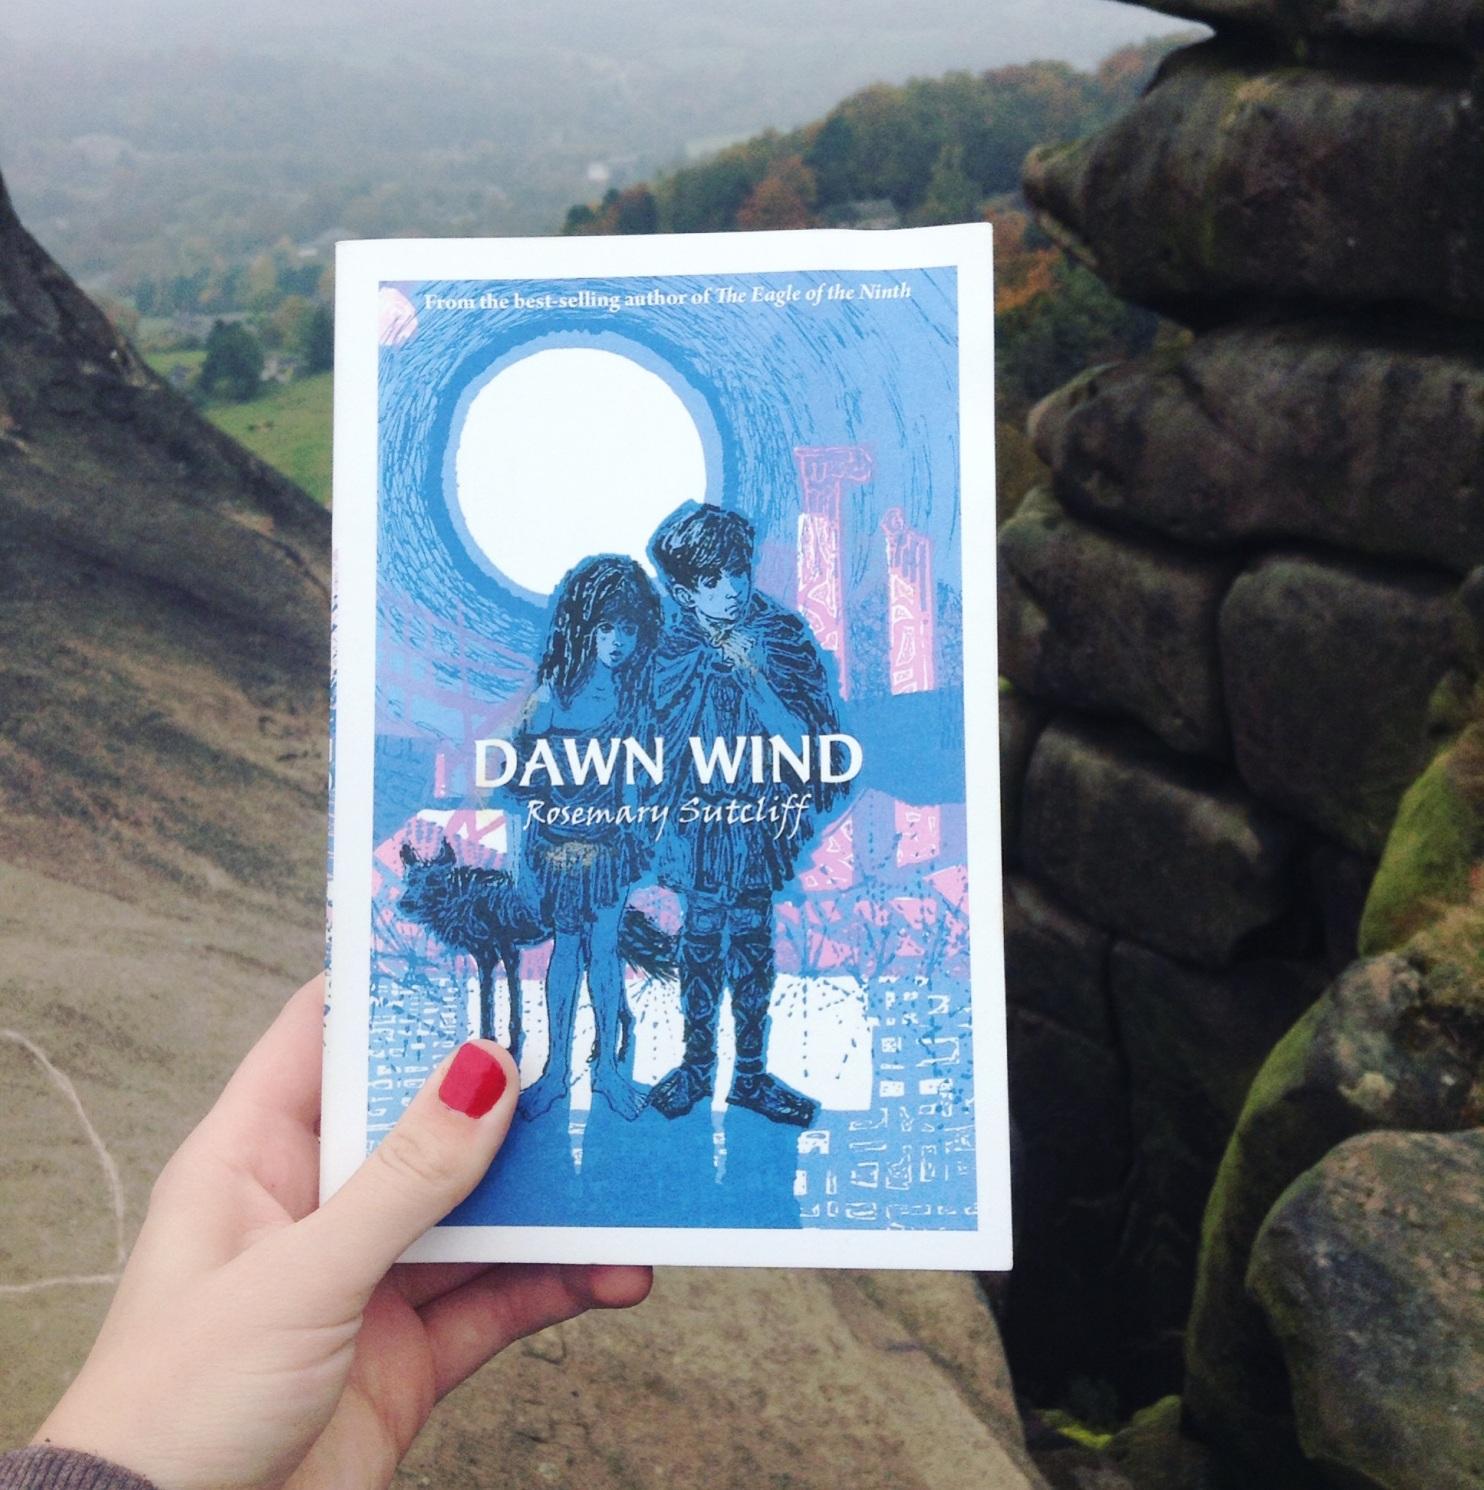 dawnwind